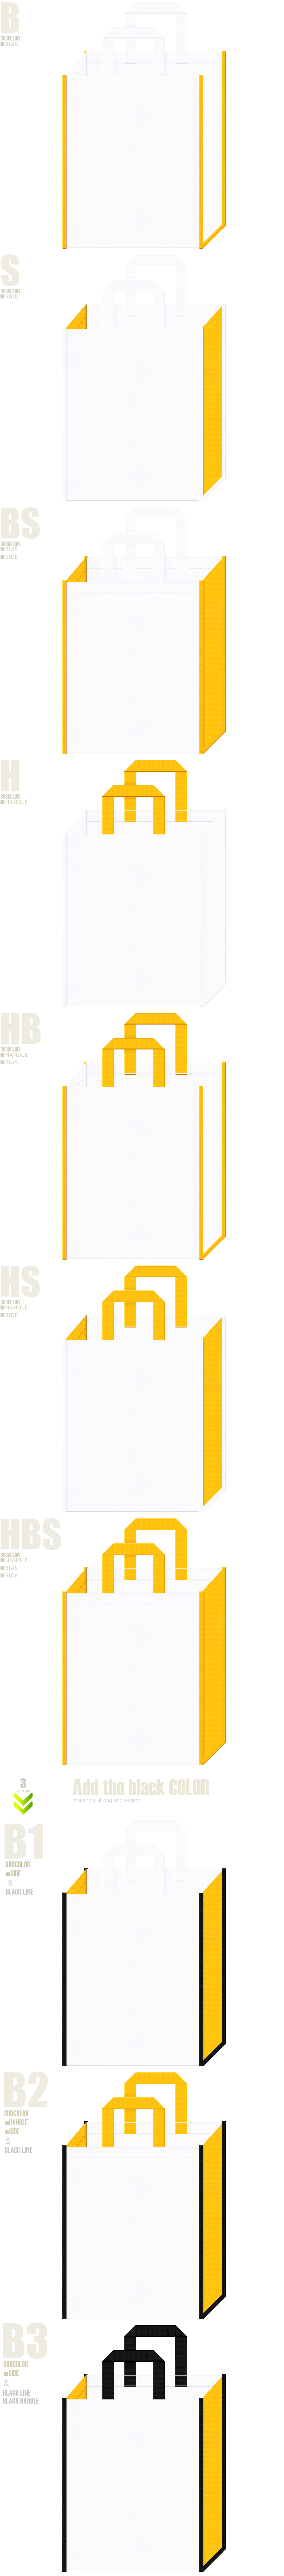 白色と黄色の不織布トートバッグデザイン。電気・通信関連機器の展示会用バッグにお奨めです。